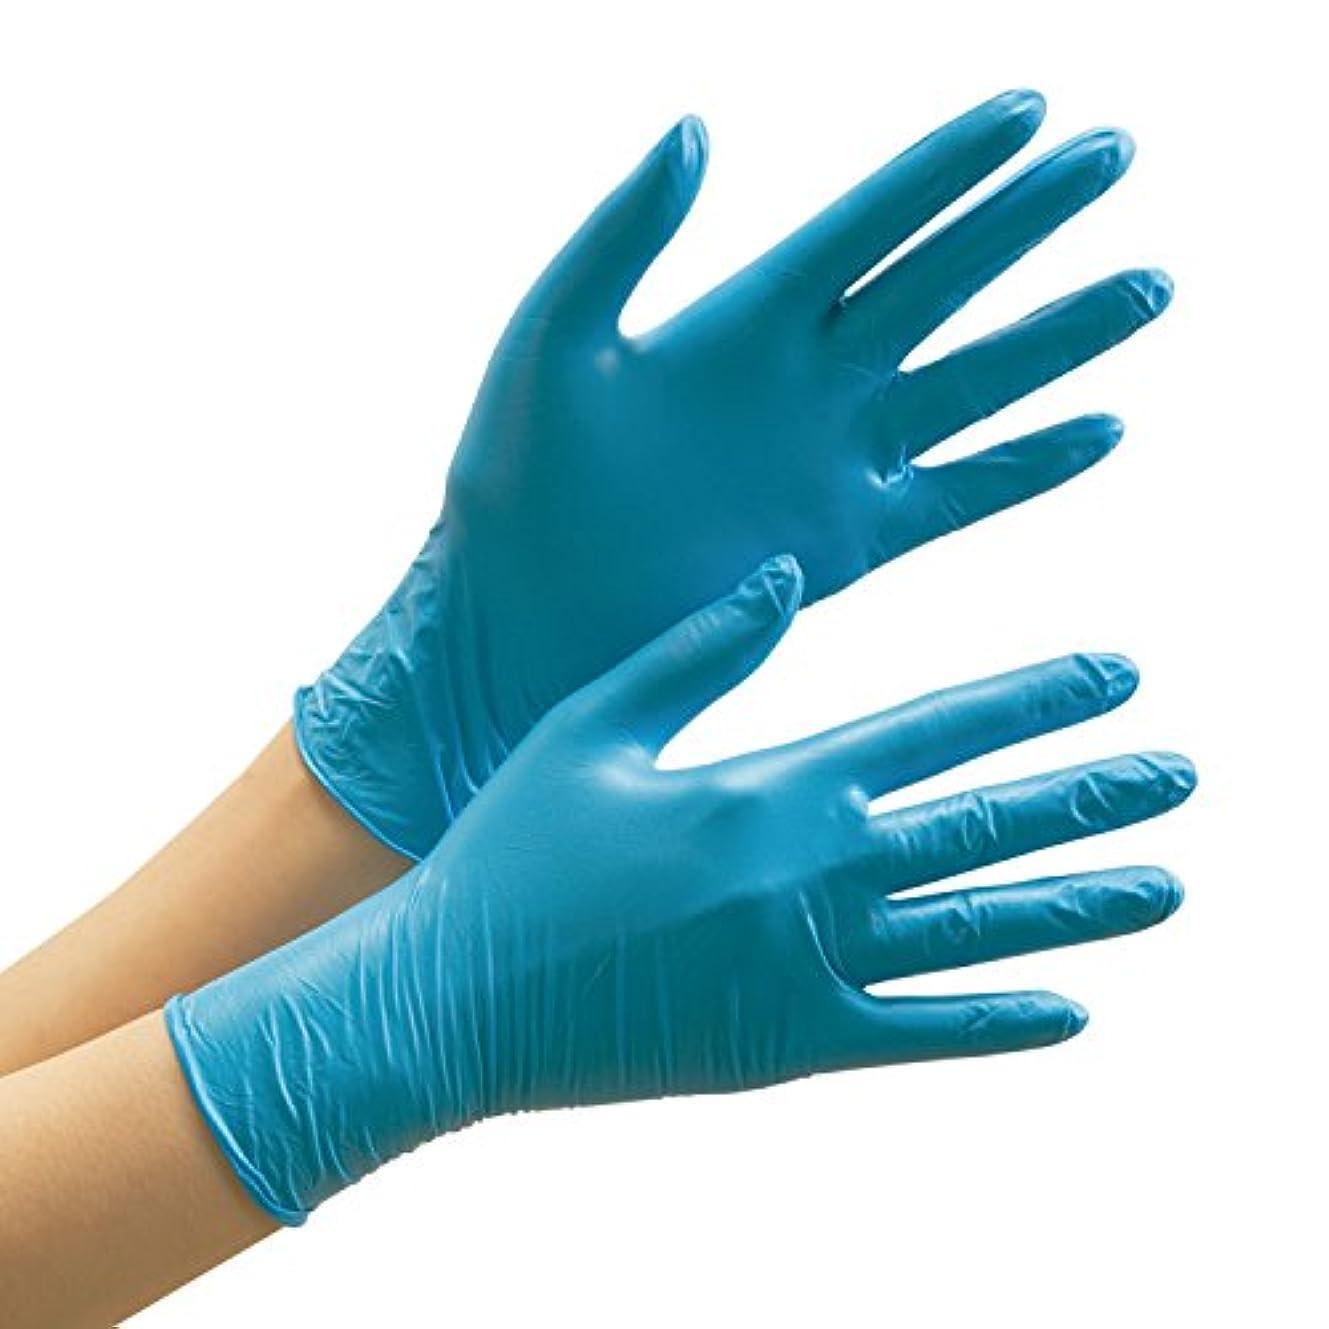 担当者虫を数える四ミドリ安全 ニトリルディスポ手袋 粉なし ベルテ772 ブルー 100枚入